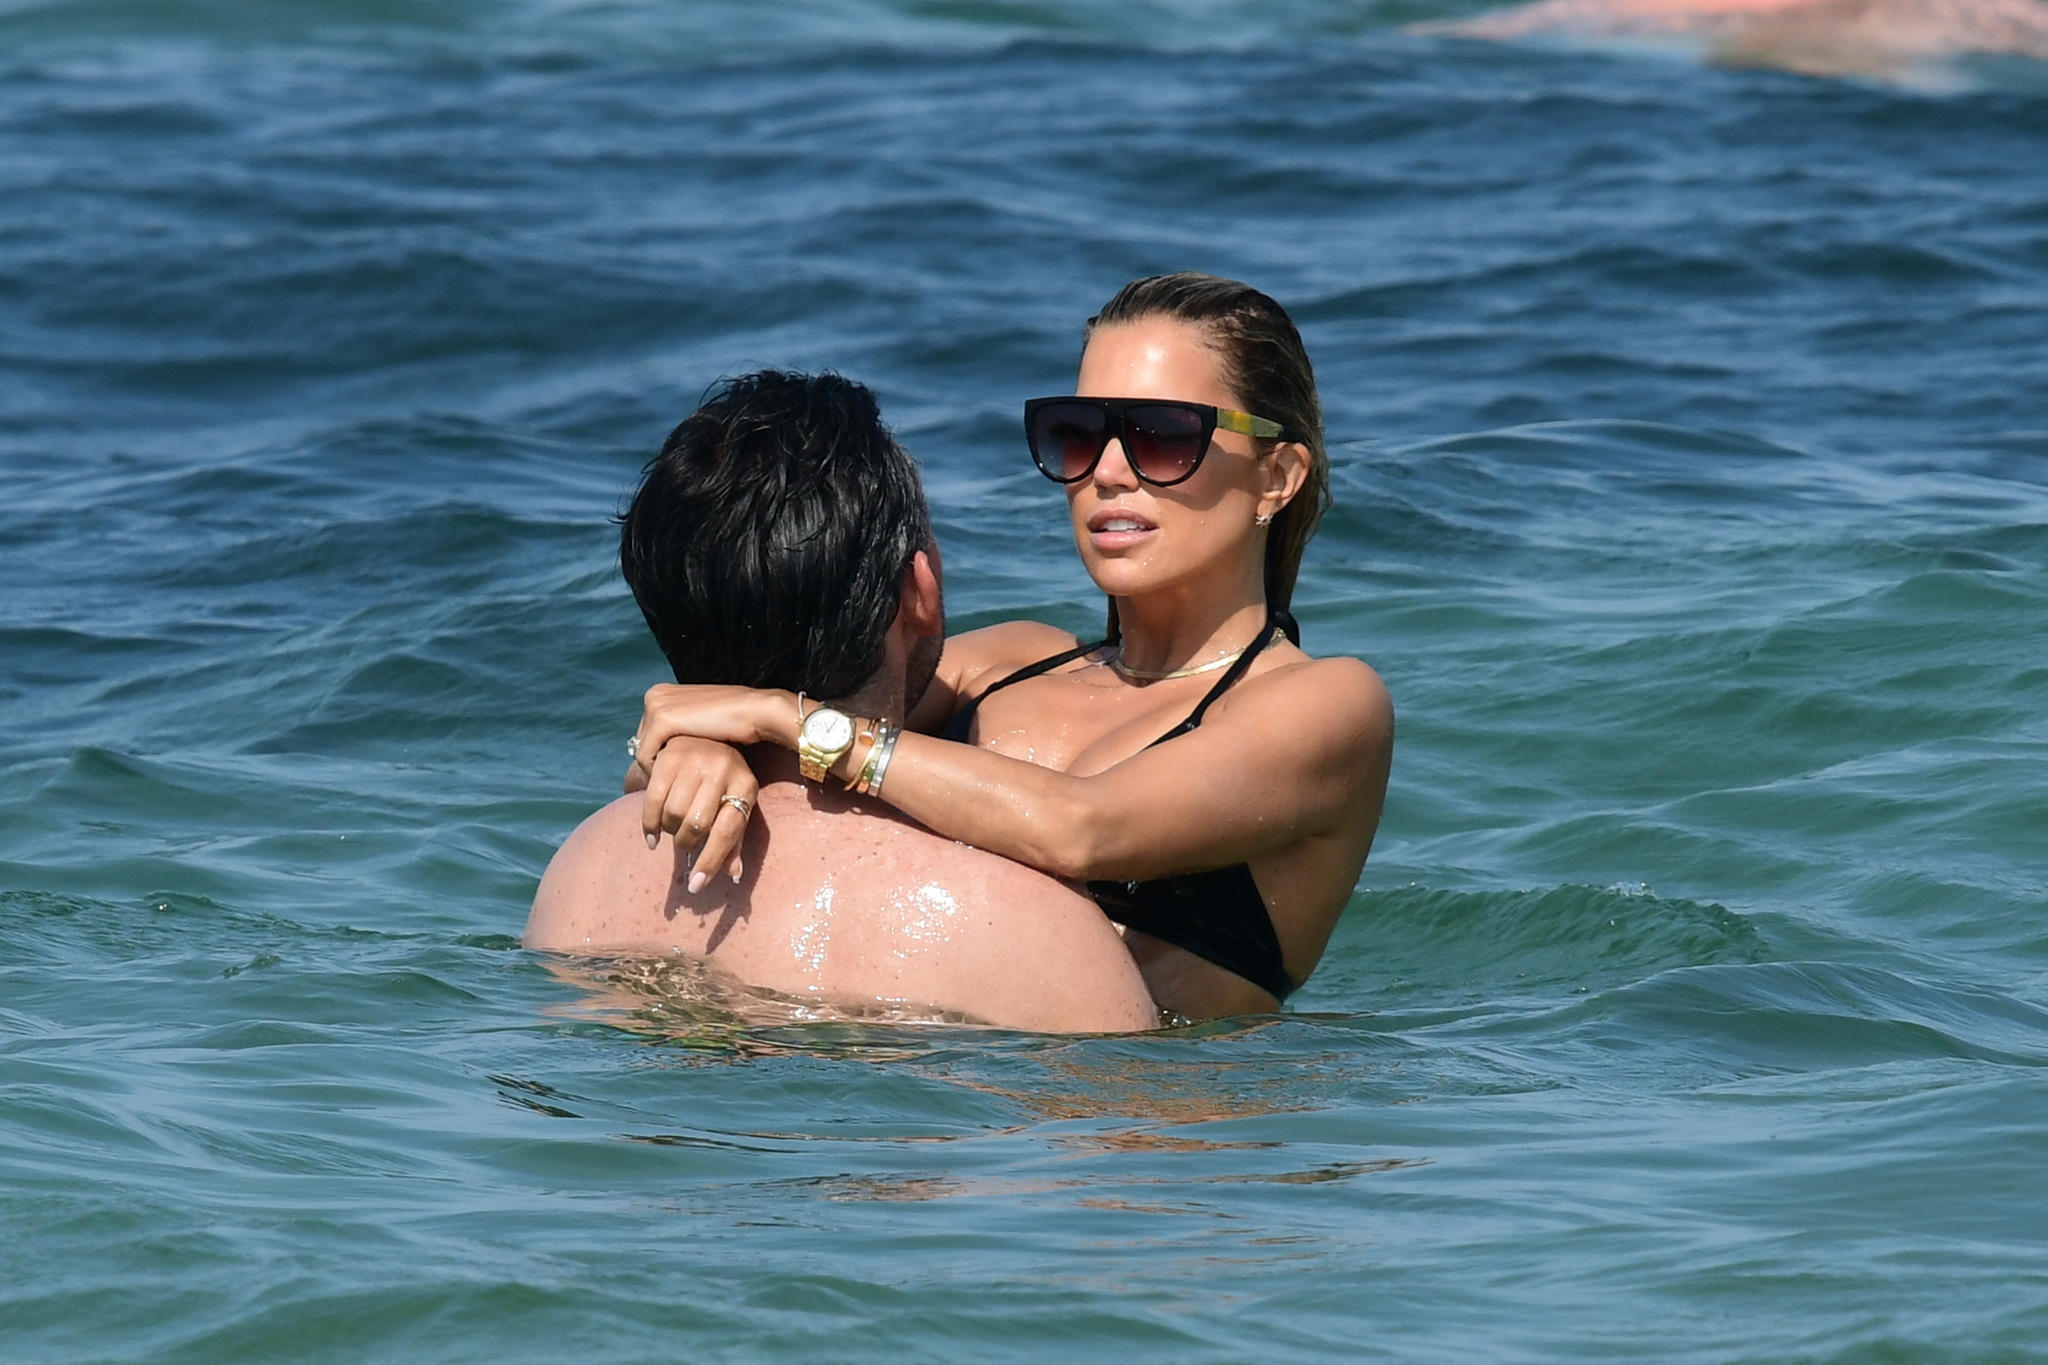 In Saint-Tropez machten Sylvie und Niclas ihre Liebe offiziell